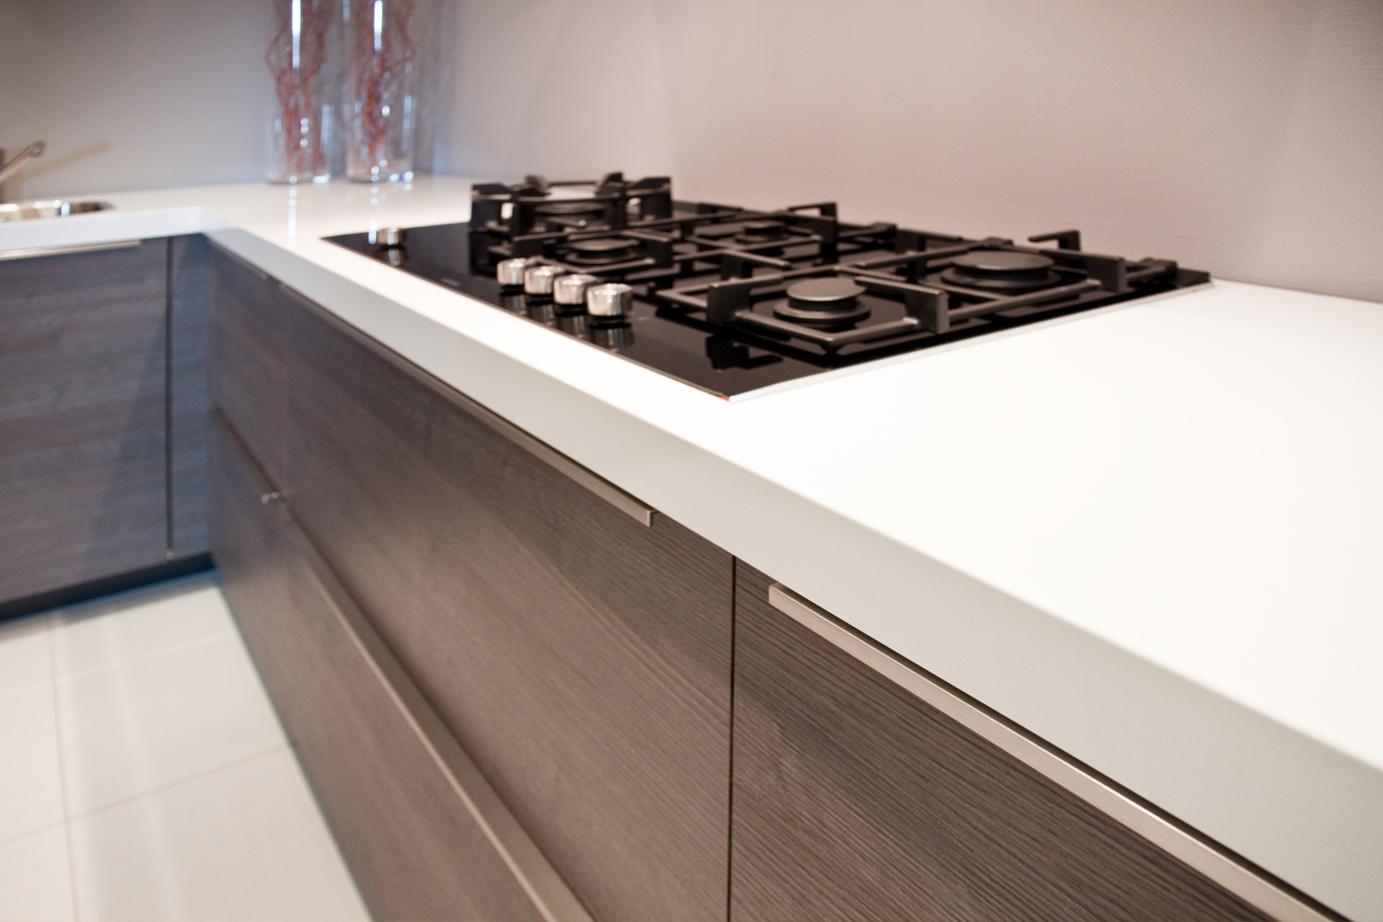 Verlichting Keuken Zonder Bovenkasten : Keuken Zonder Bovenkastjes : bovenkasten keukens zonder bovenkasten